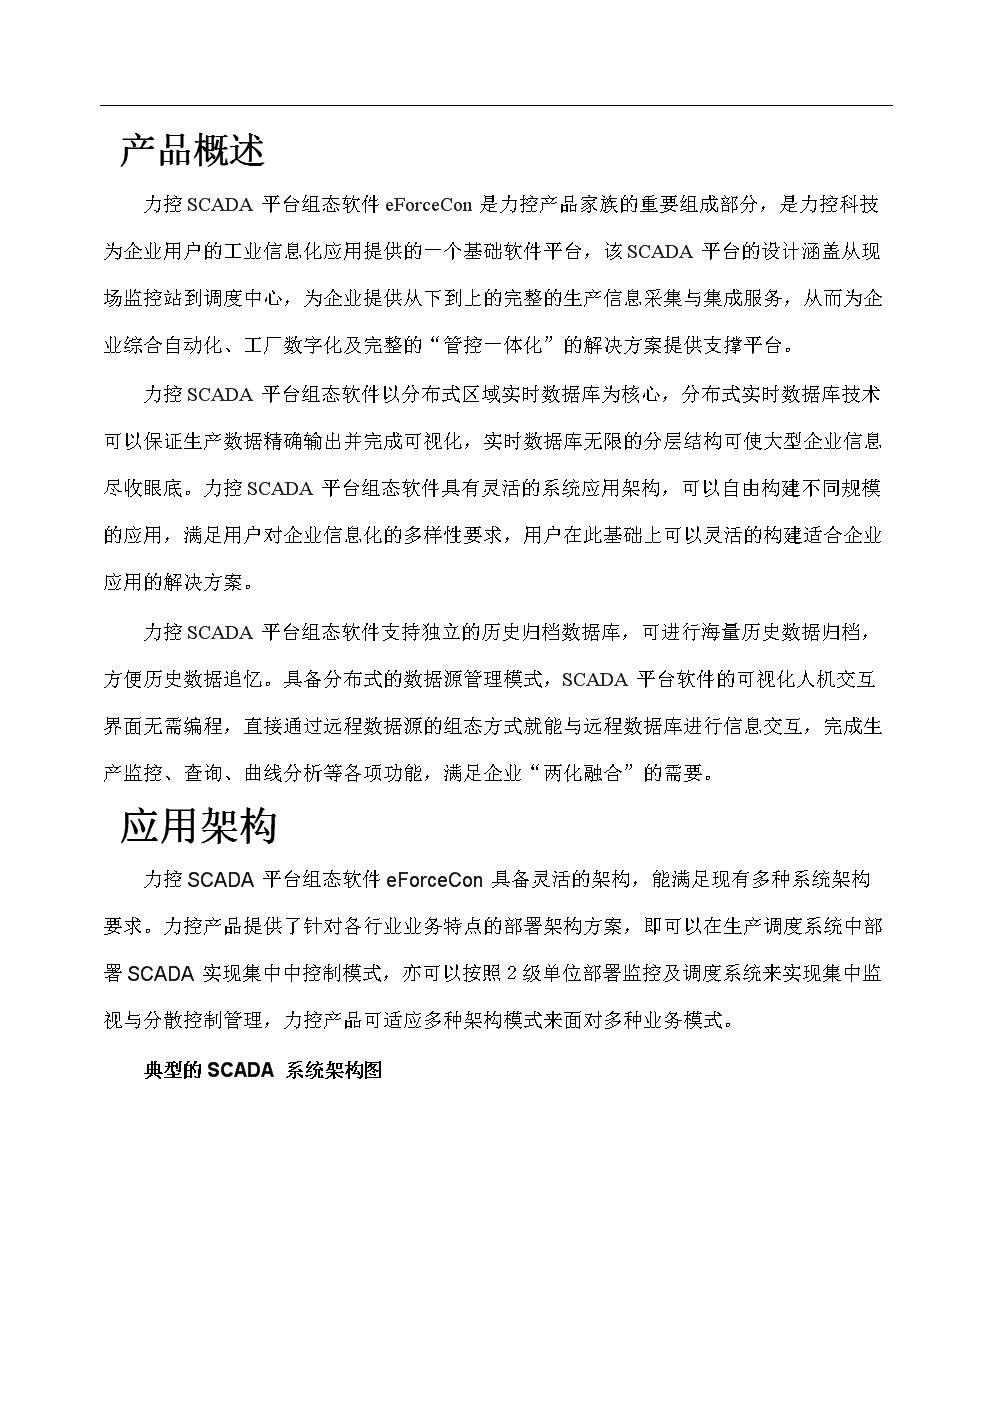 001-力控scada平台软件eforcecon.doc